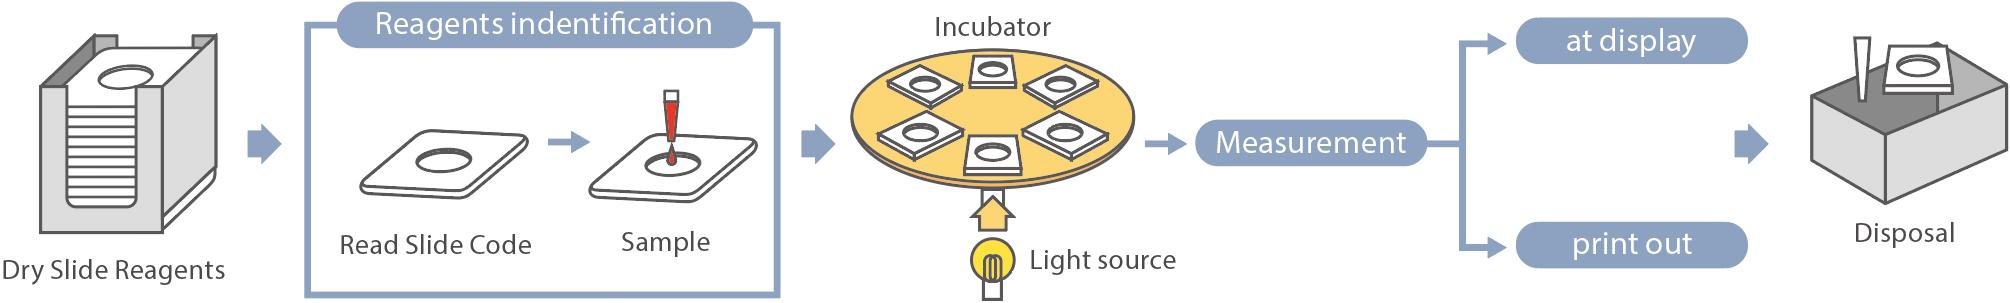 [imagem] Função da máquina: Reagentes de lâmina seca identificados e amostras aplicadas colocados dentro da incubadora, resultados medidos/exibidos e lâminas colocadas no descarte